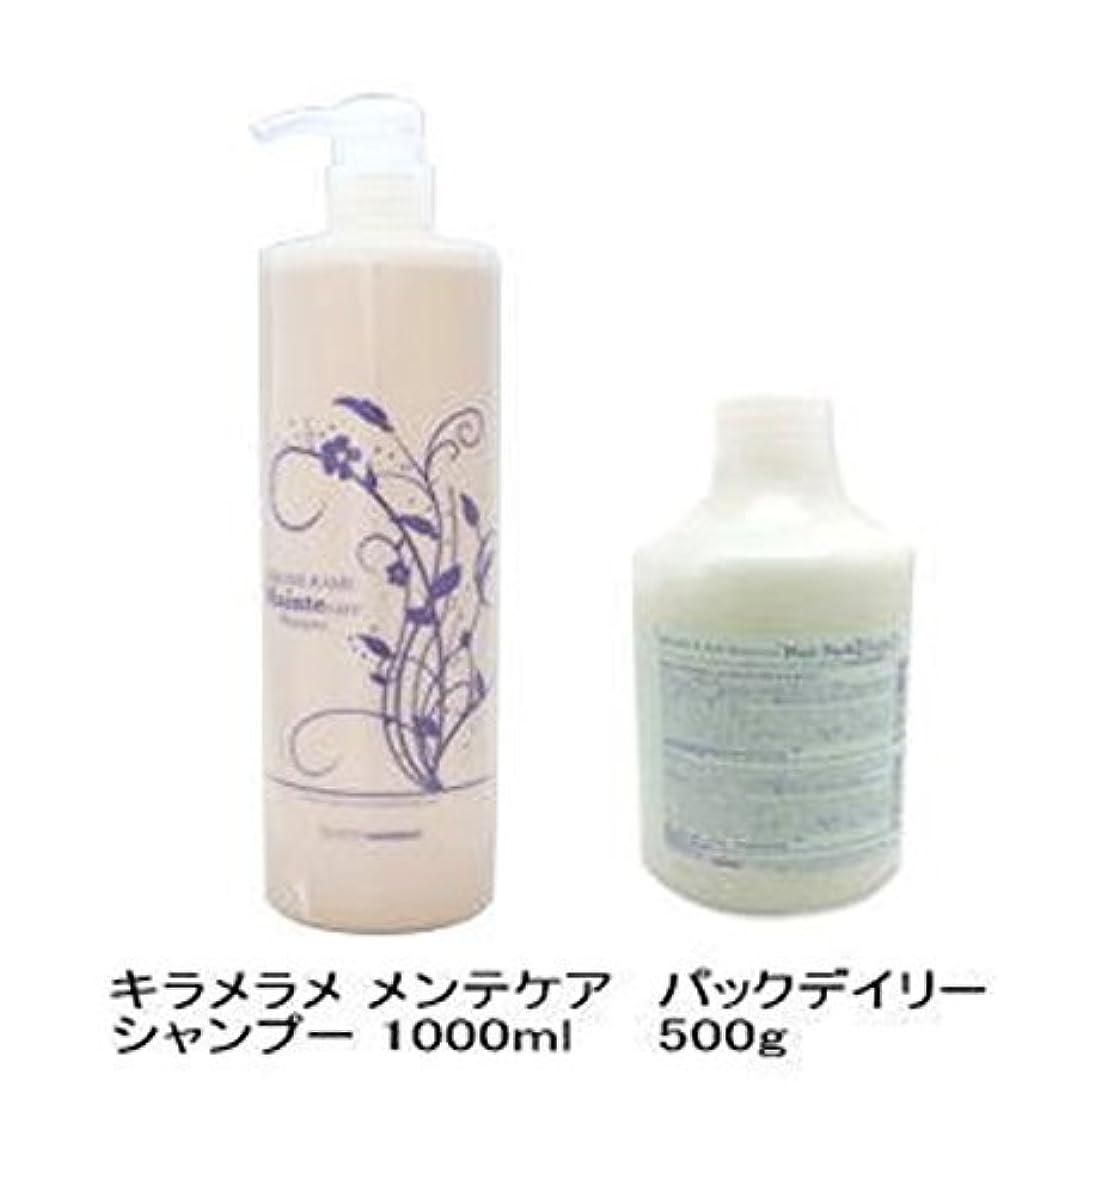 乞食しなやか砂利ハホニコ キラメラメ メンテケアシャンプー 1000mL + パックデイリー 500g セット [Shampoo-land限定]